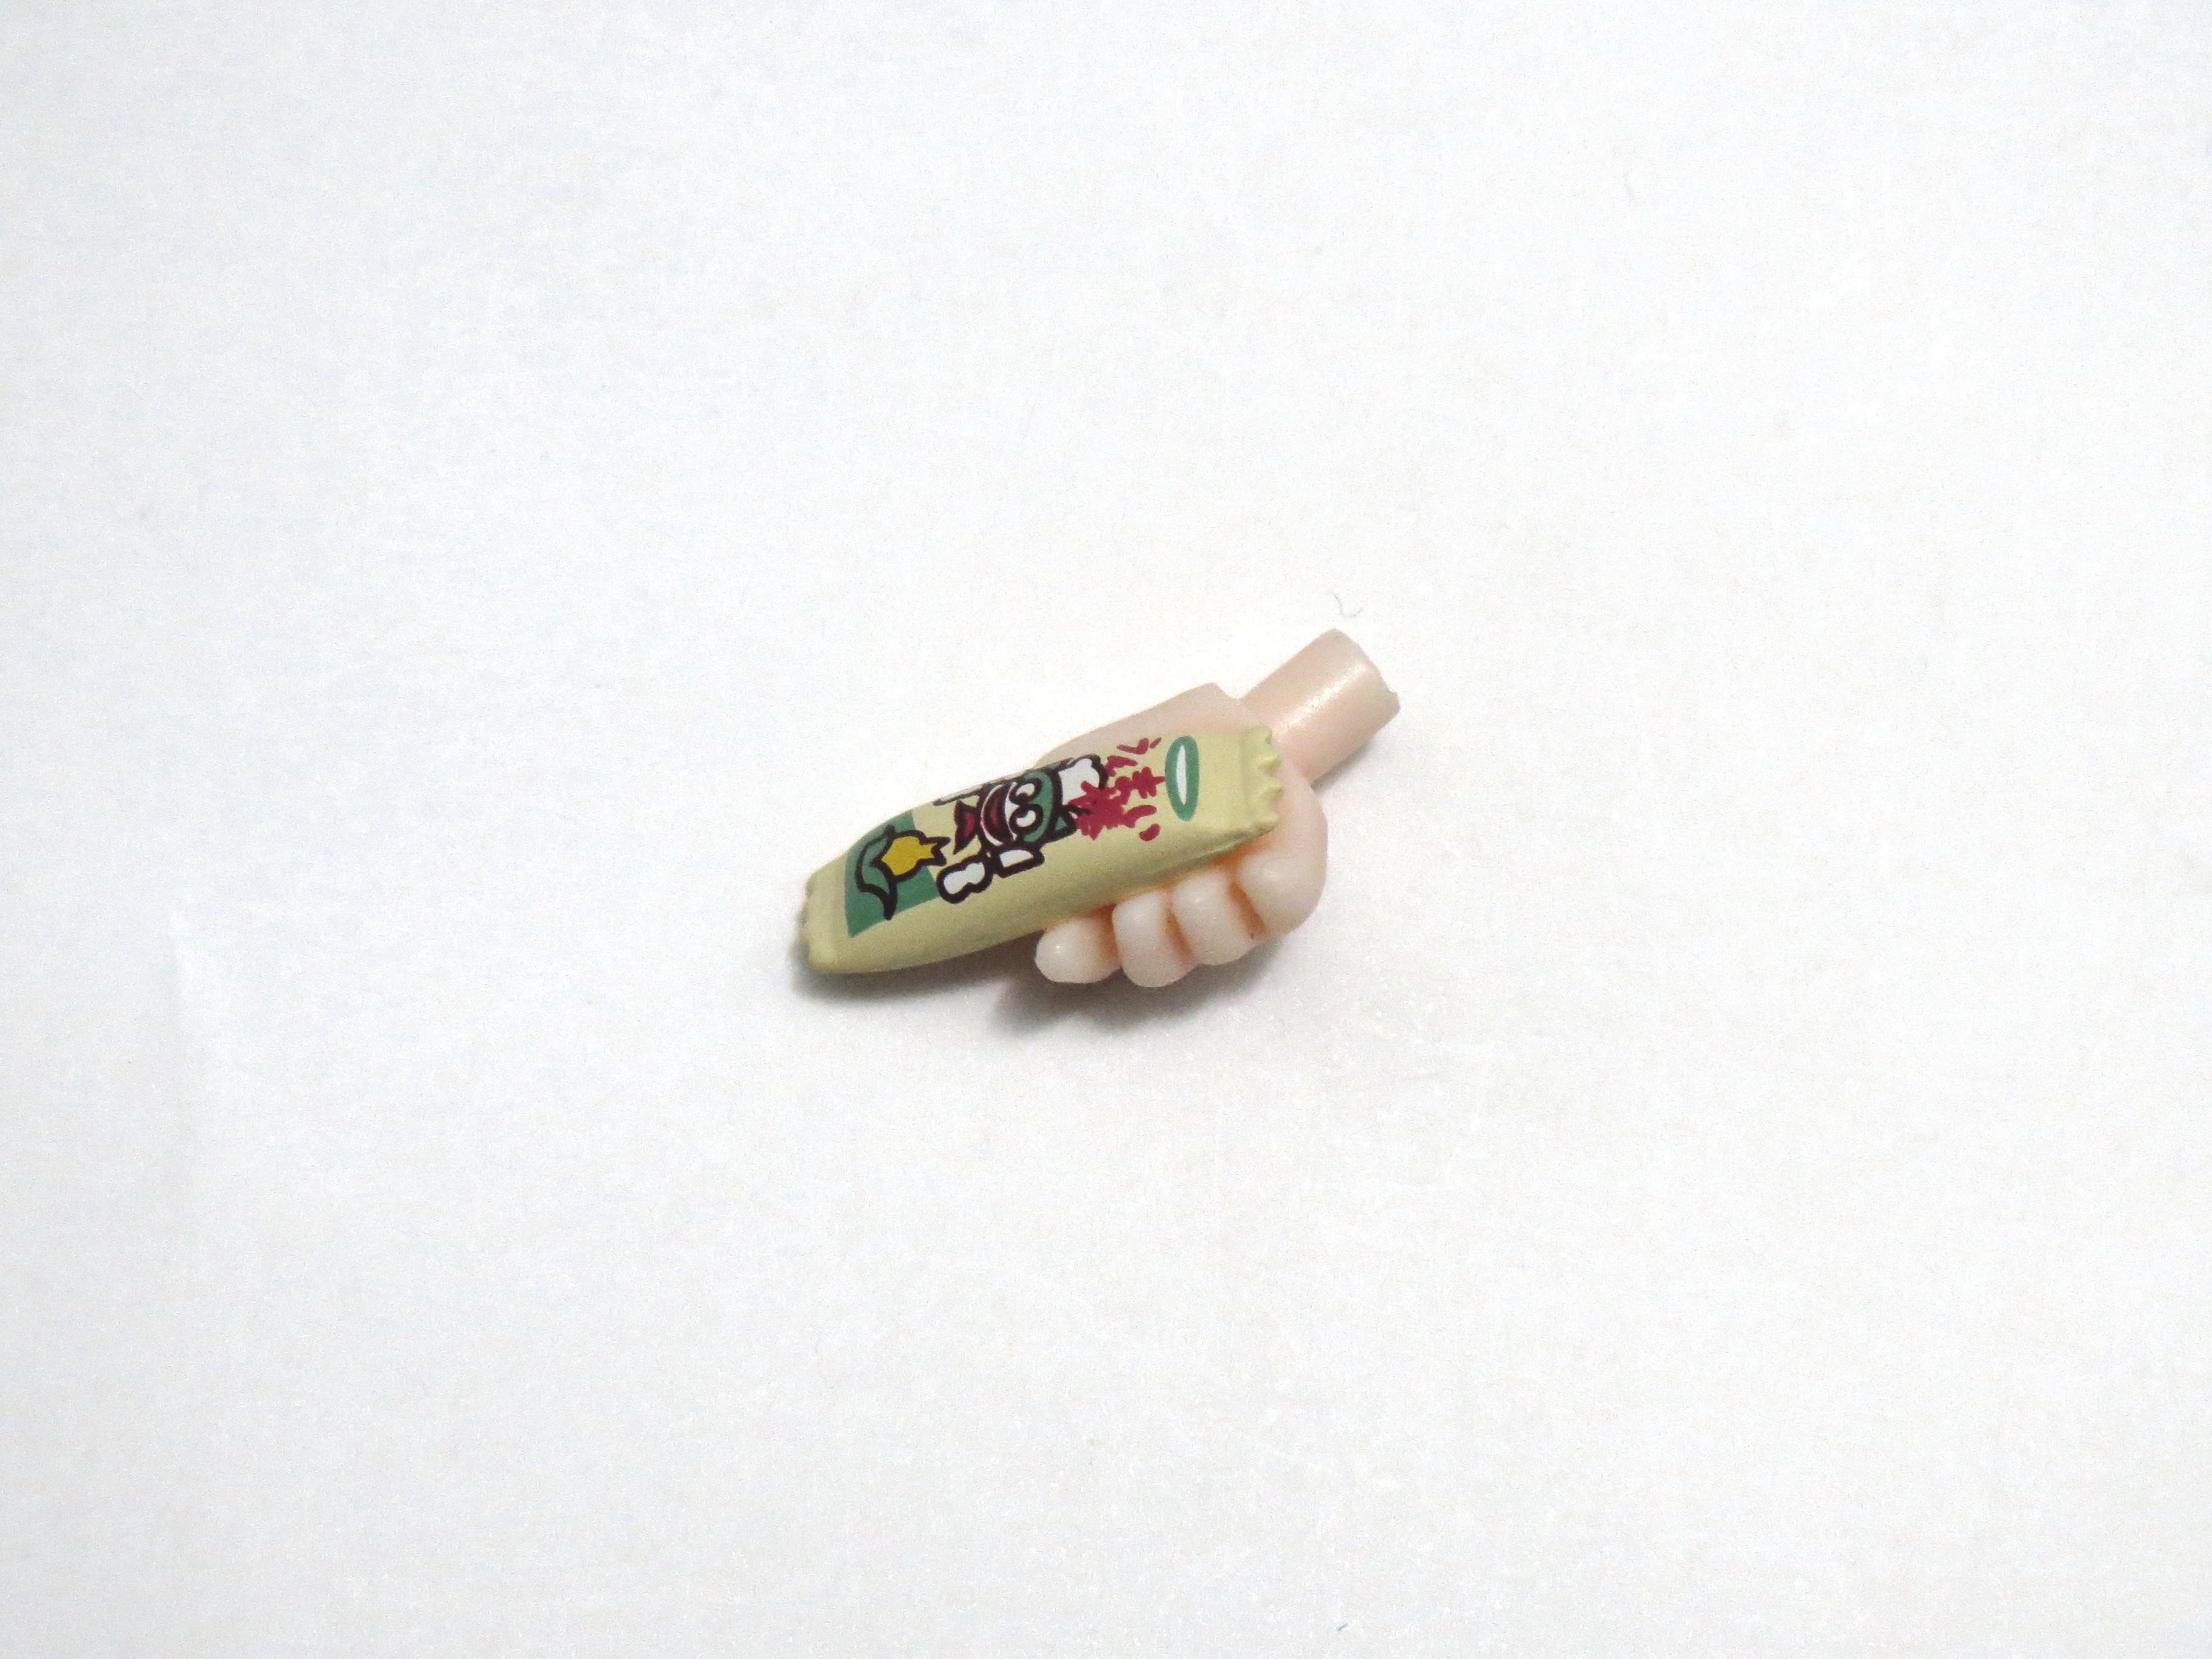 【422】 佐倉杏子 私服Ver. 小物パーツ うんまい棒 ねんどろいど